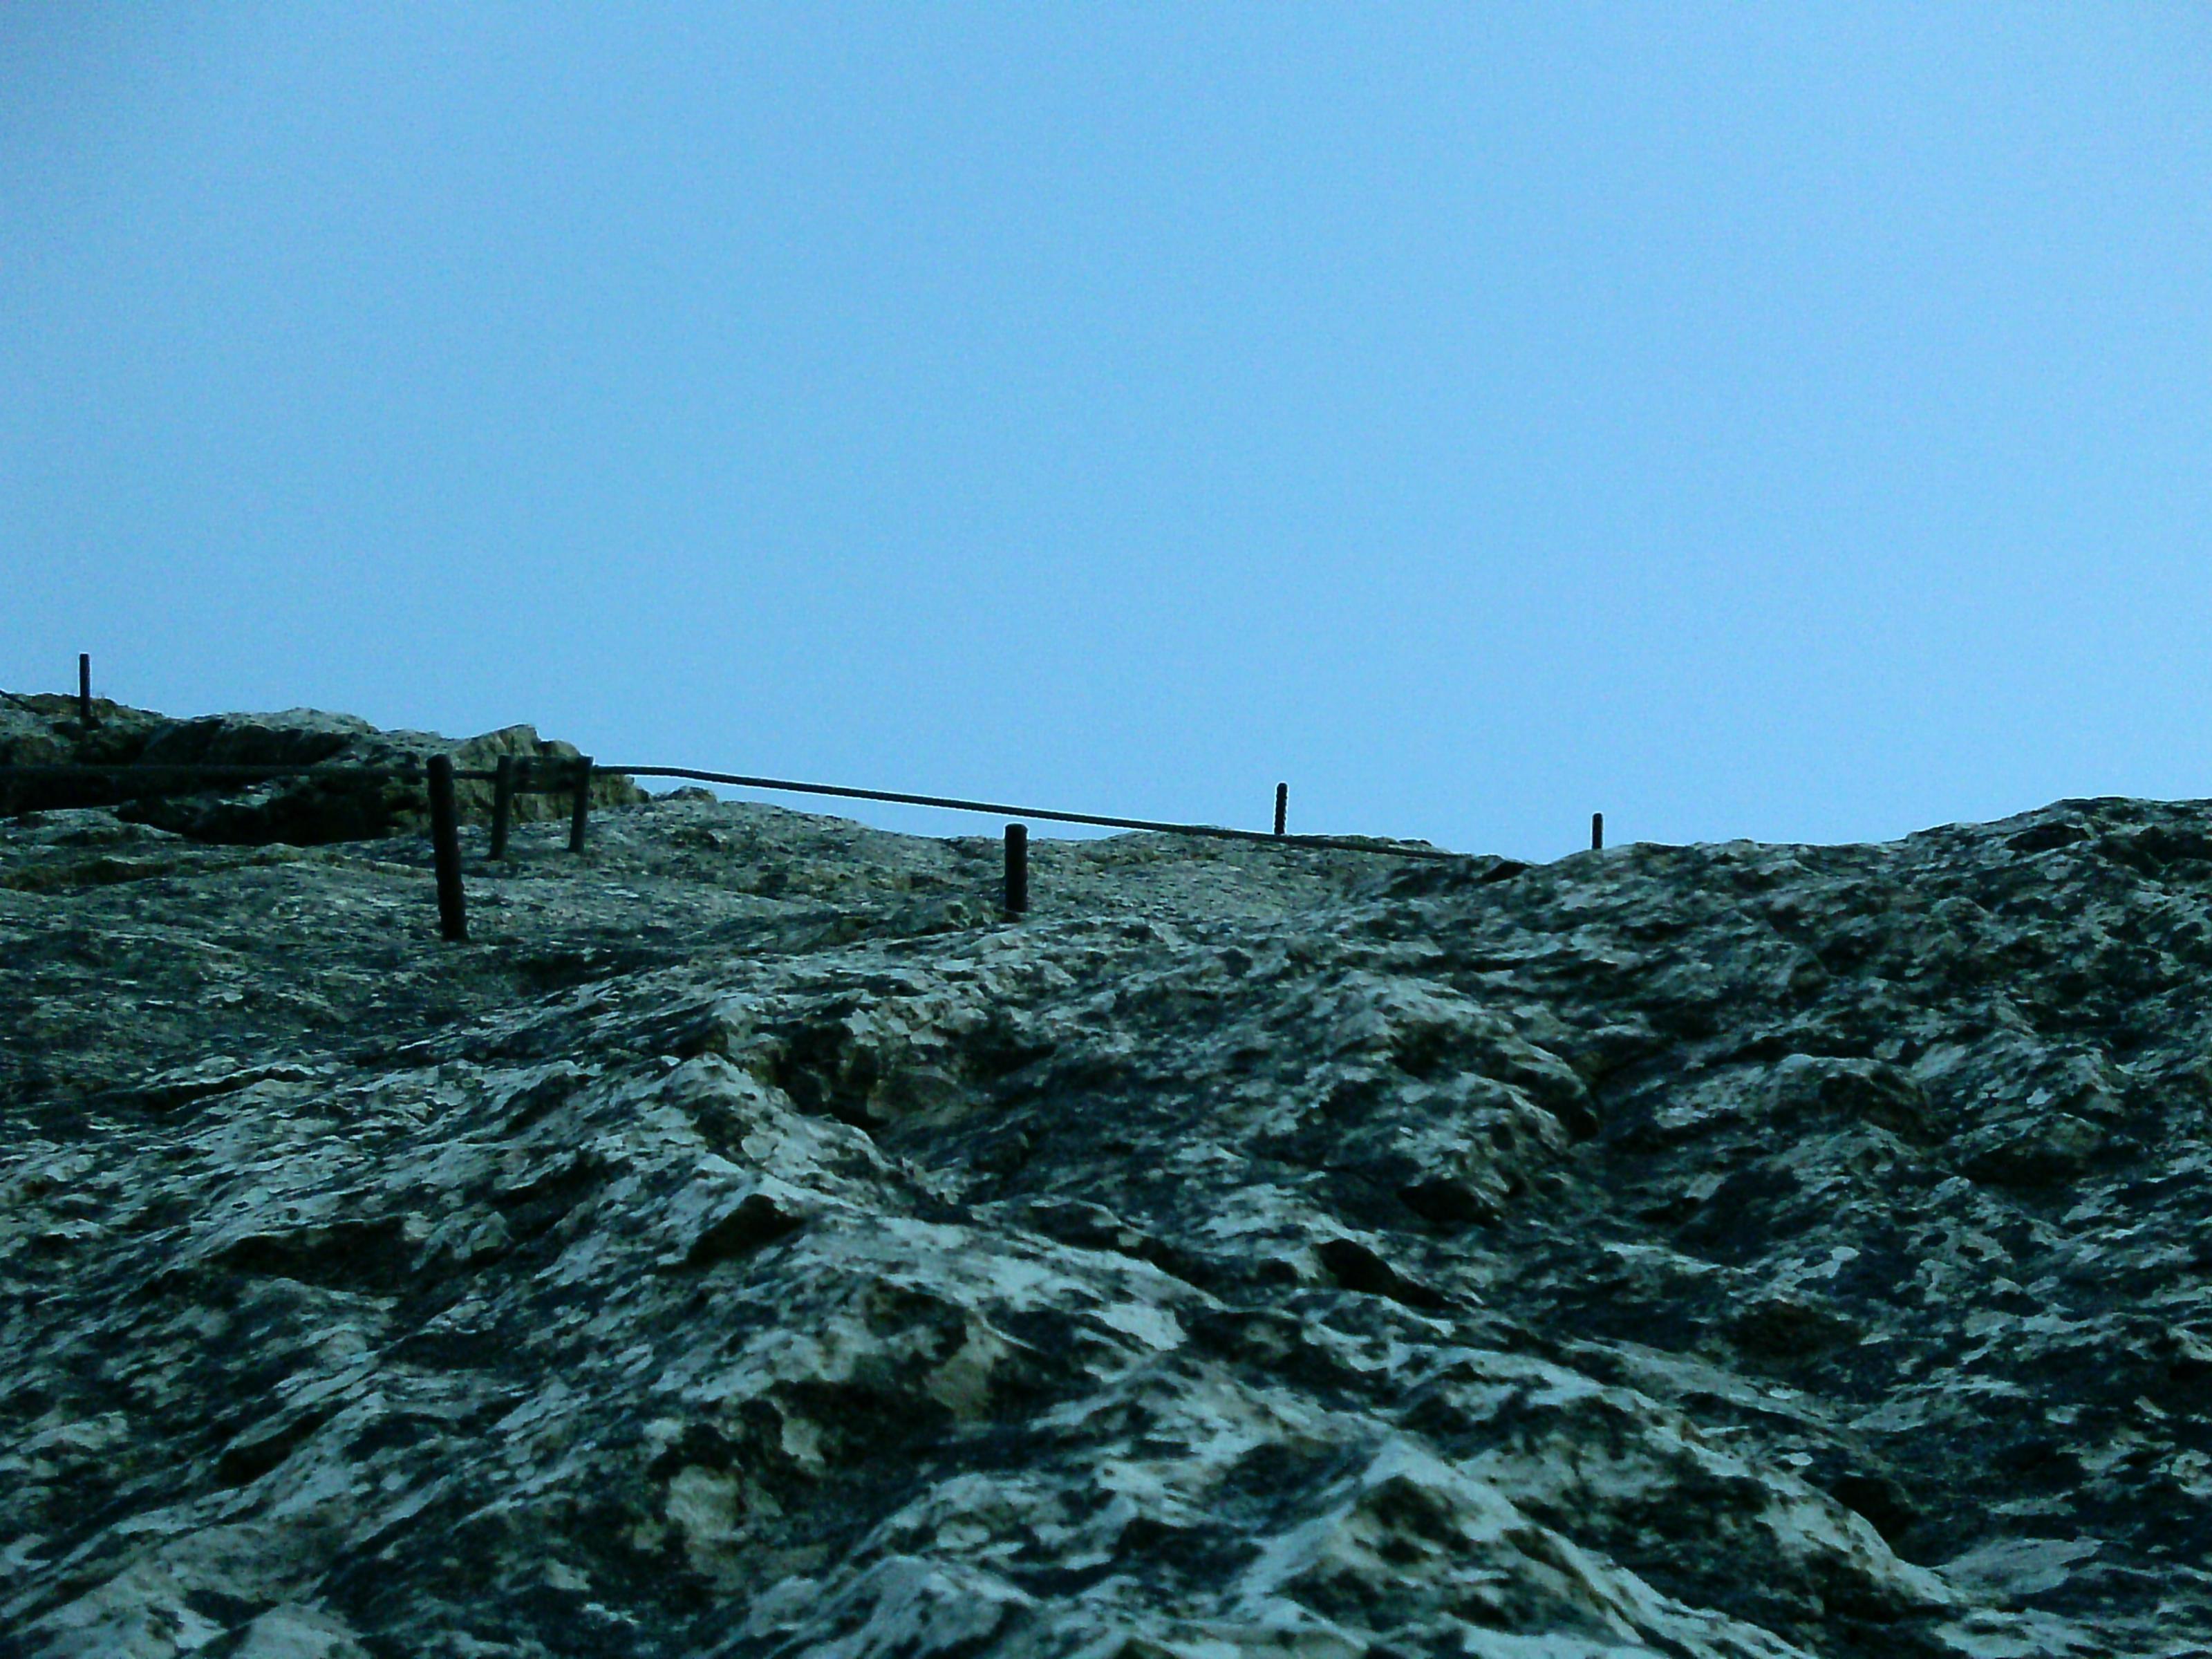 hochkar-heli-kraft-klettersteig-19-.jpg